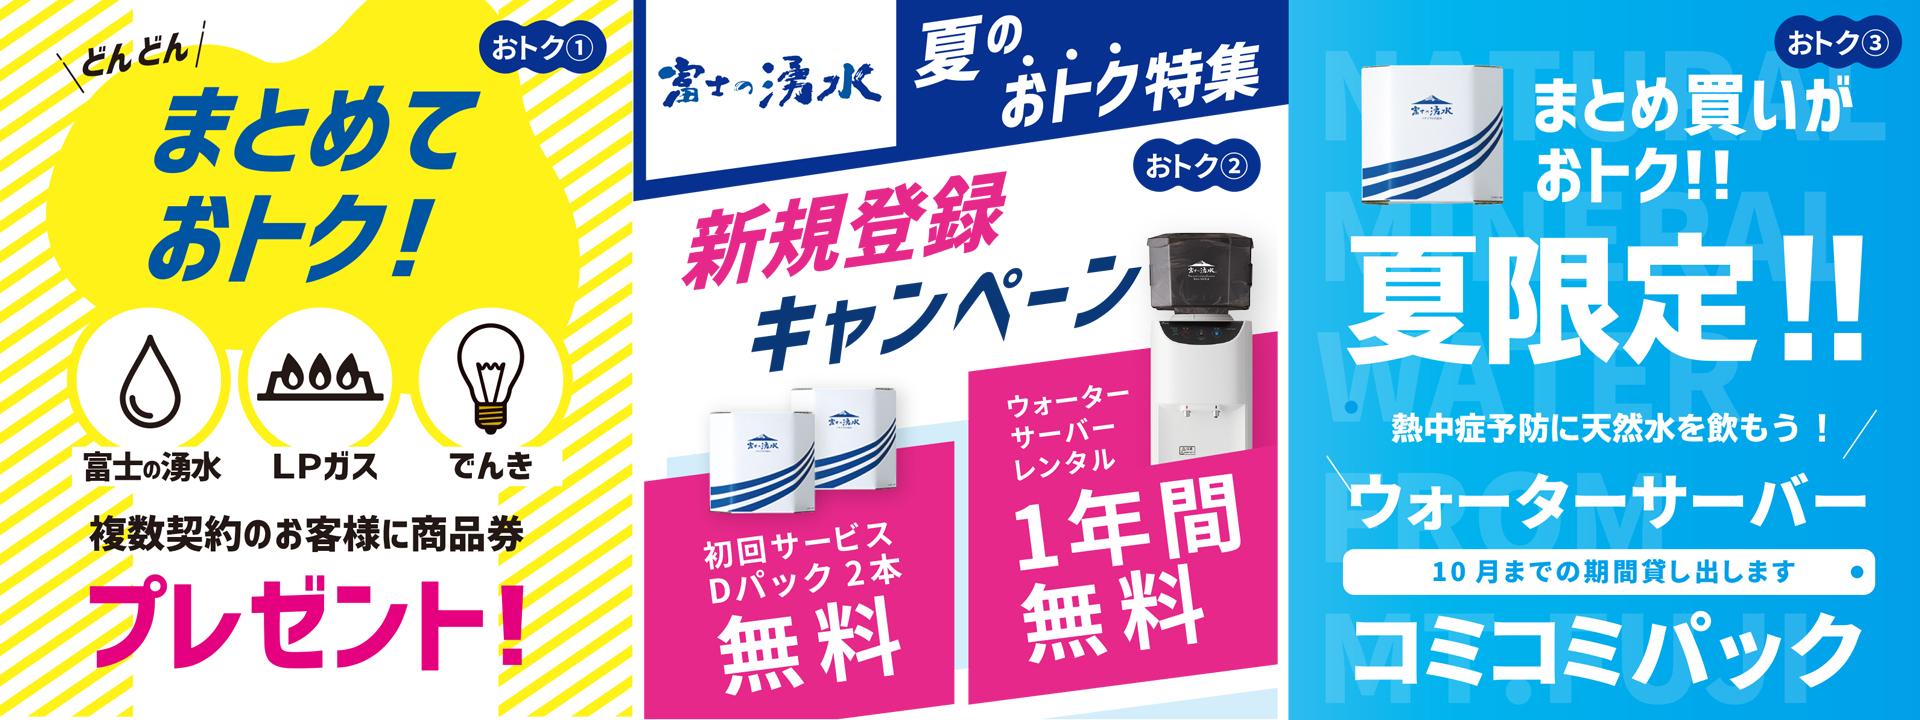 富士の湧水 夏のおトクキャンペーン祭